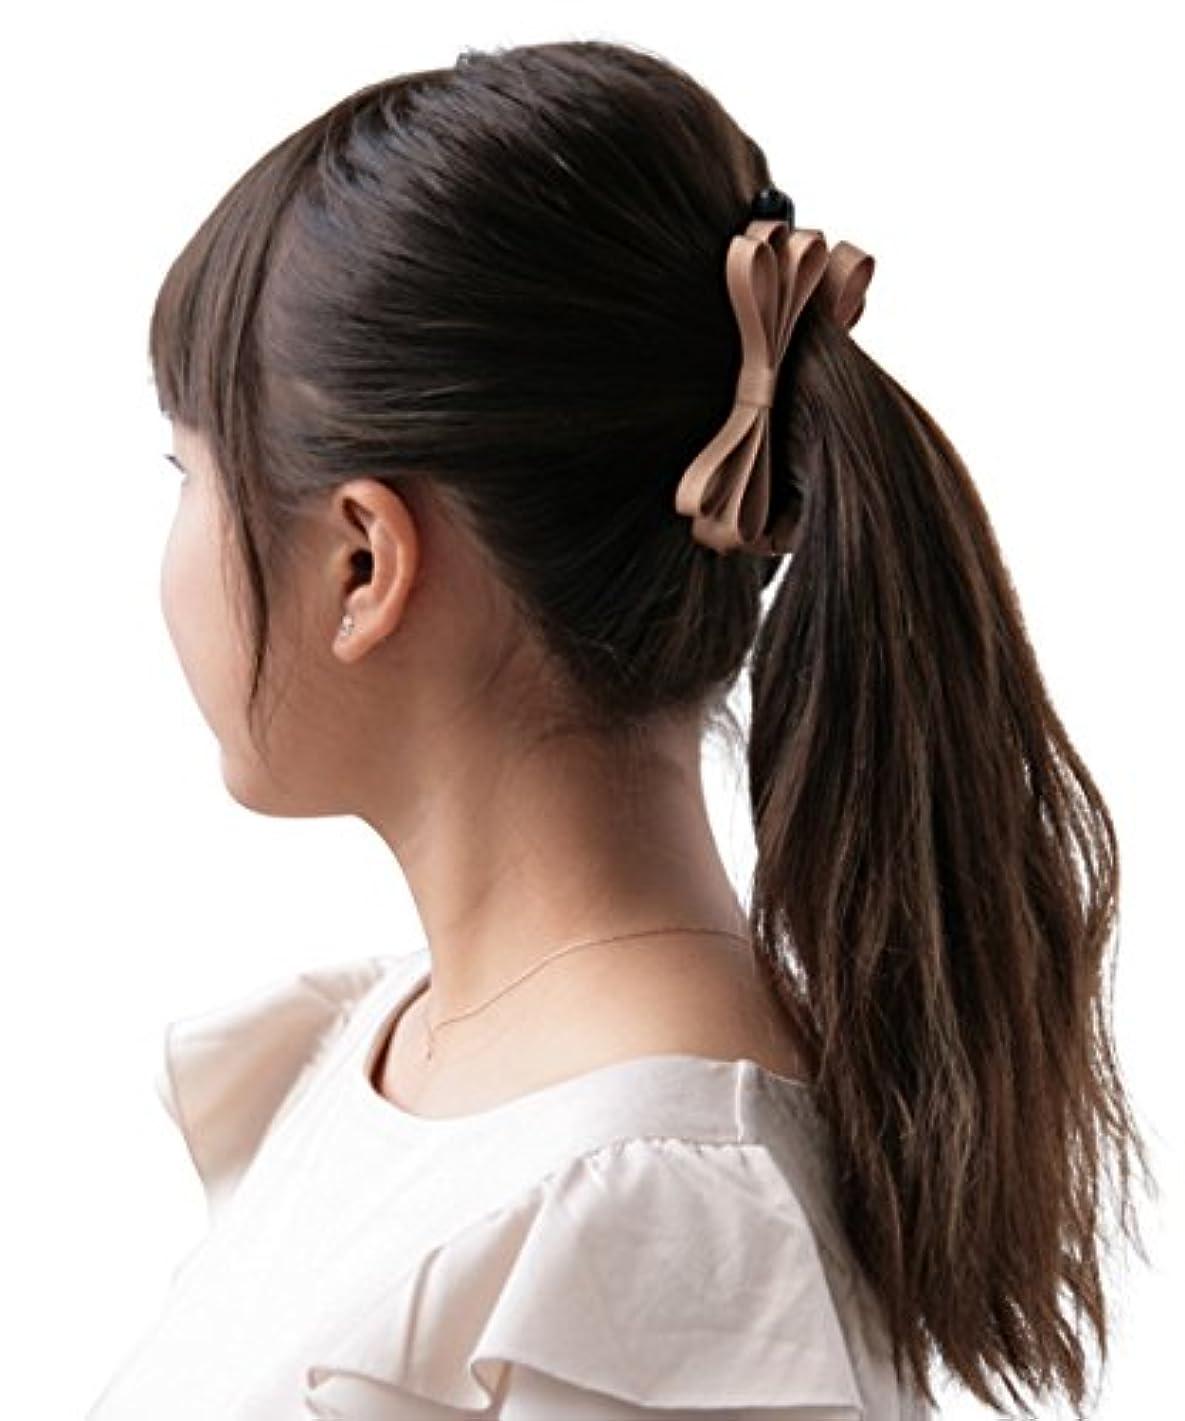 広々とした約束する海港ボナバンチュール(Bonaventure) ミルフィーユ リボン バナナクリップ グログラン 小さめ レディース ヘアアクセサリー 人気 ブランド ヘアクリップ 髪留め ライトブラウン